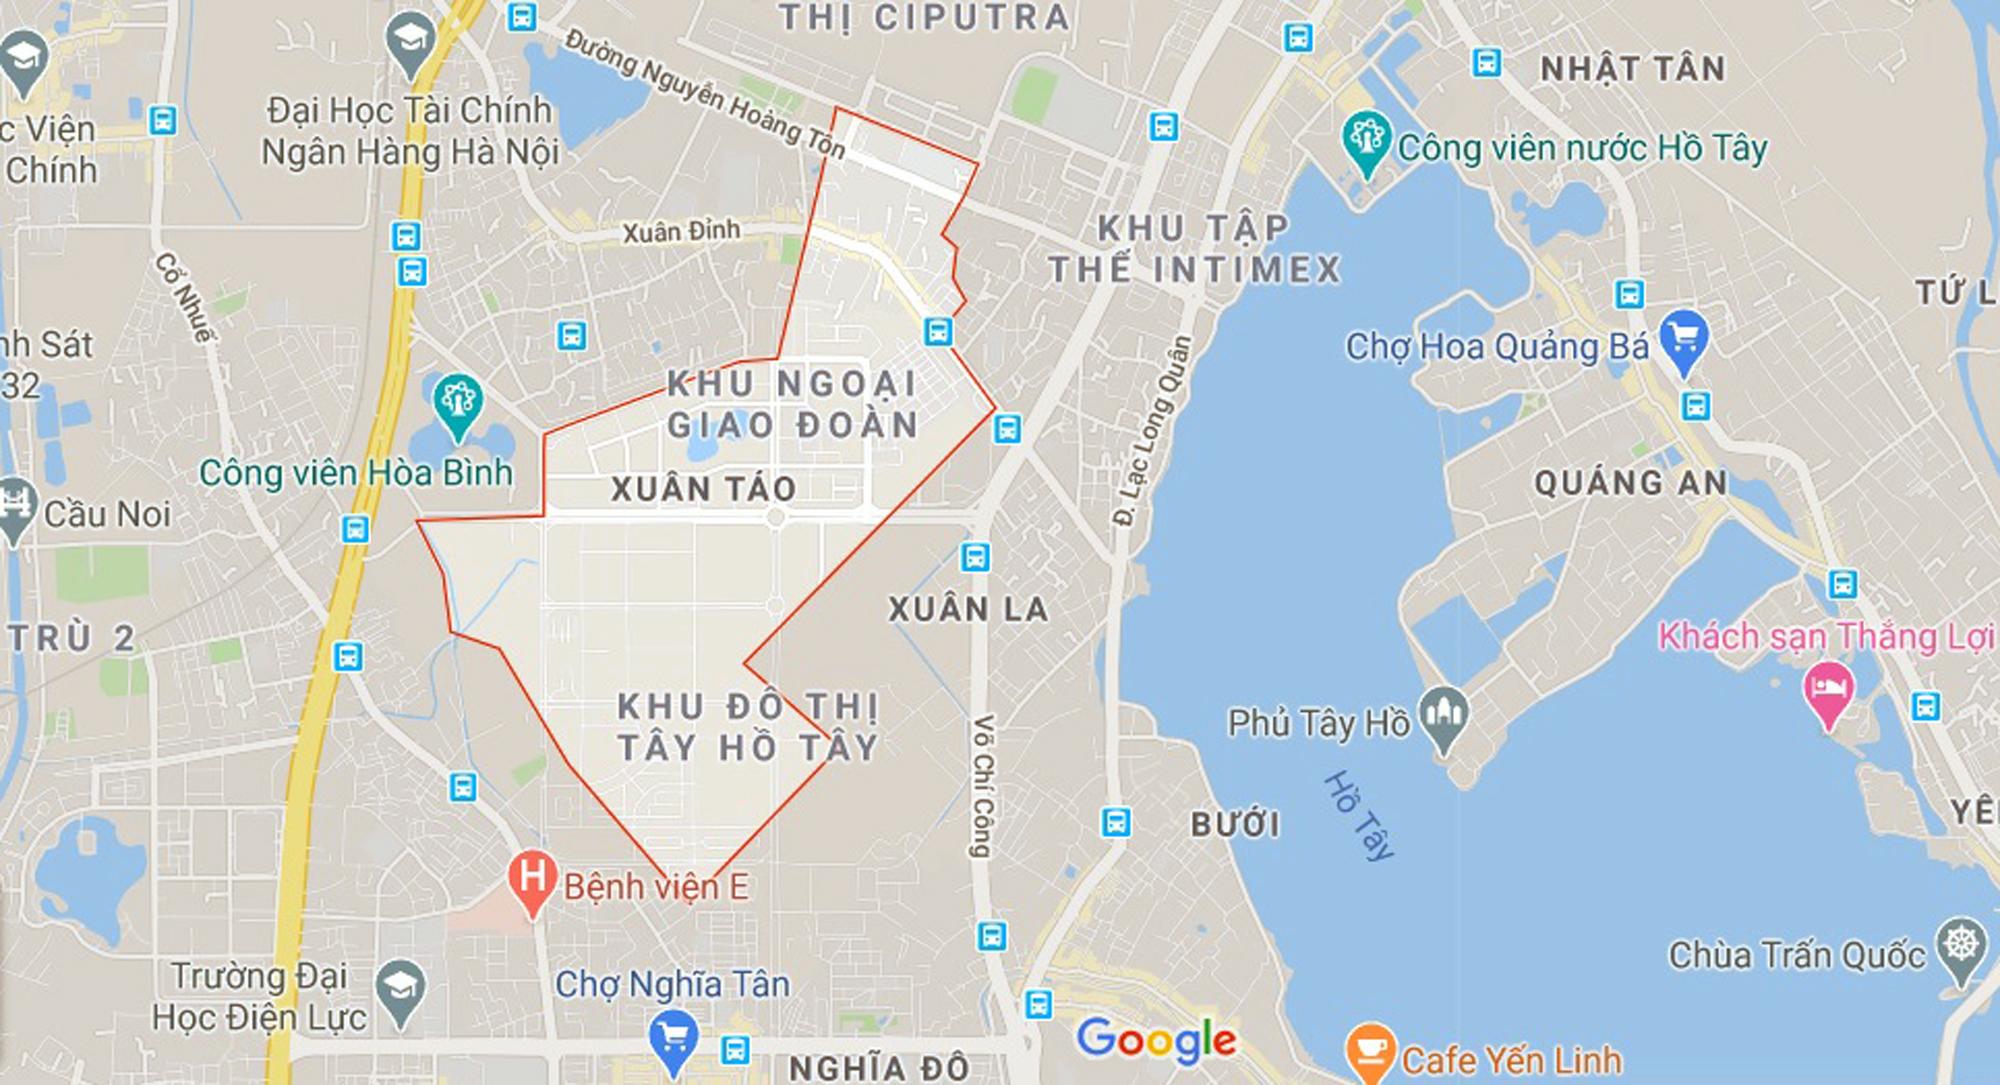 đường sẽ mở theo qui hoạch ở phường Xuân Tảo, Bắc Từ Liêm, Hà Nội - Ảnh 1.